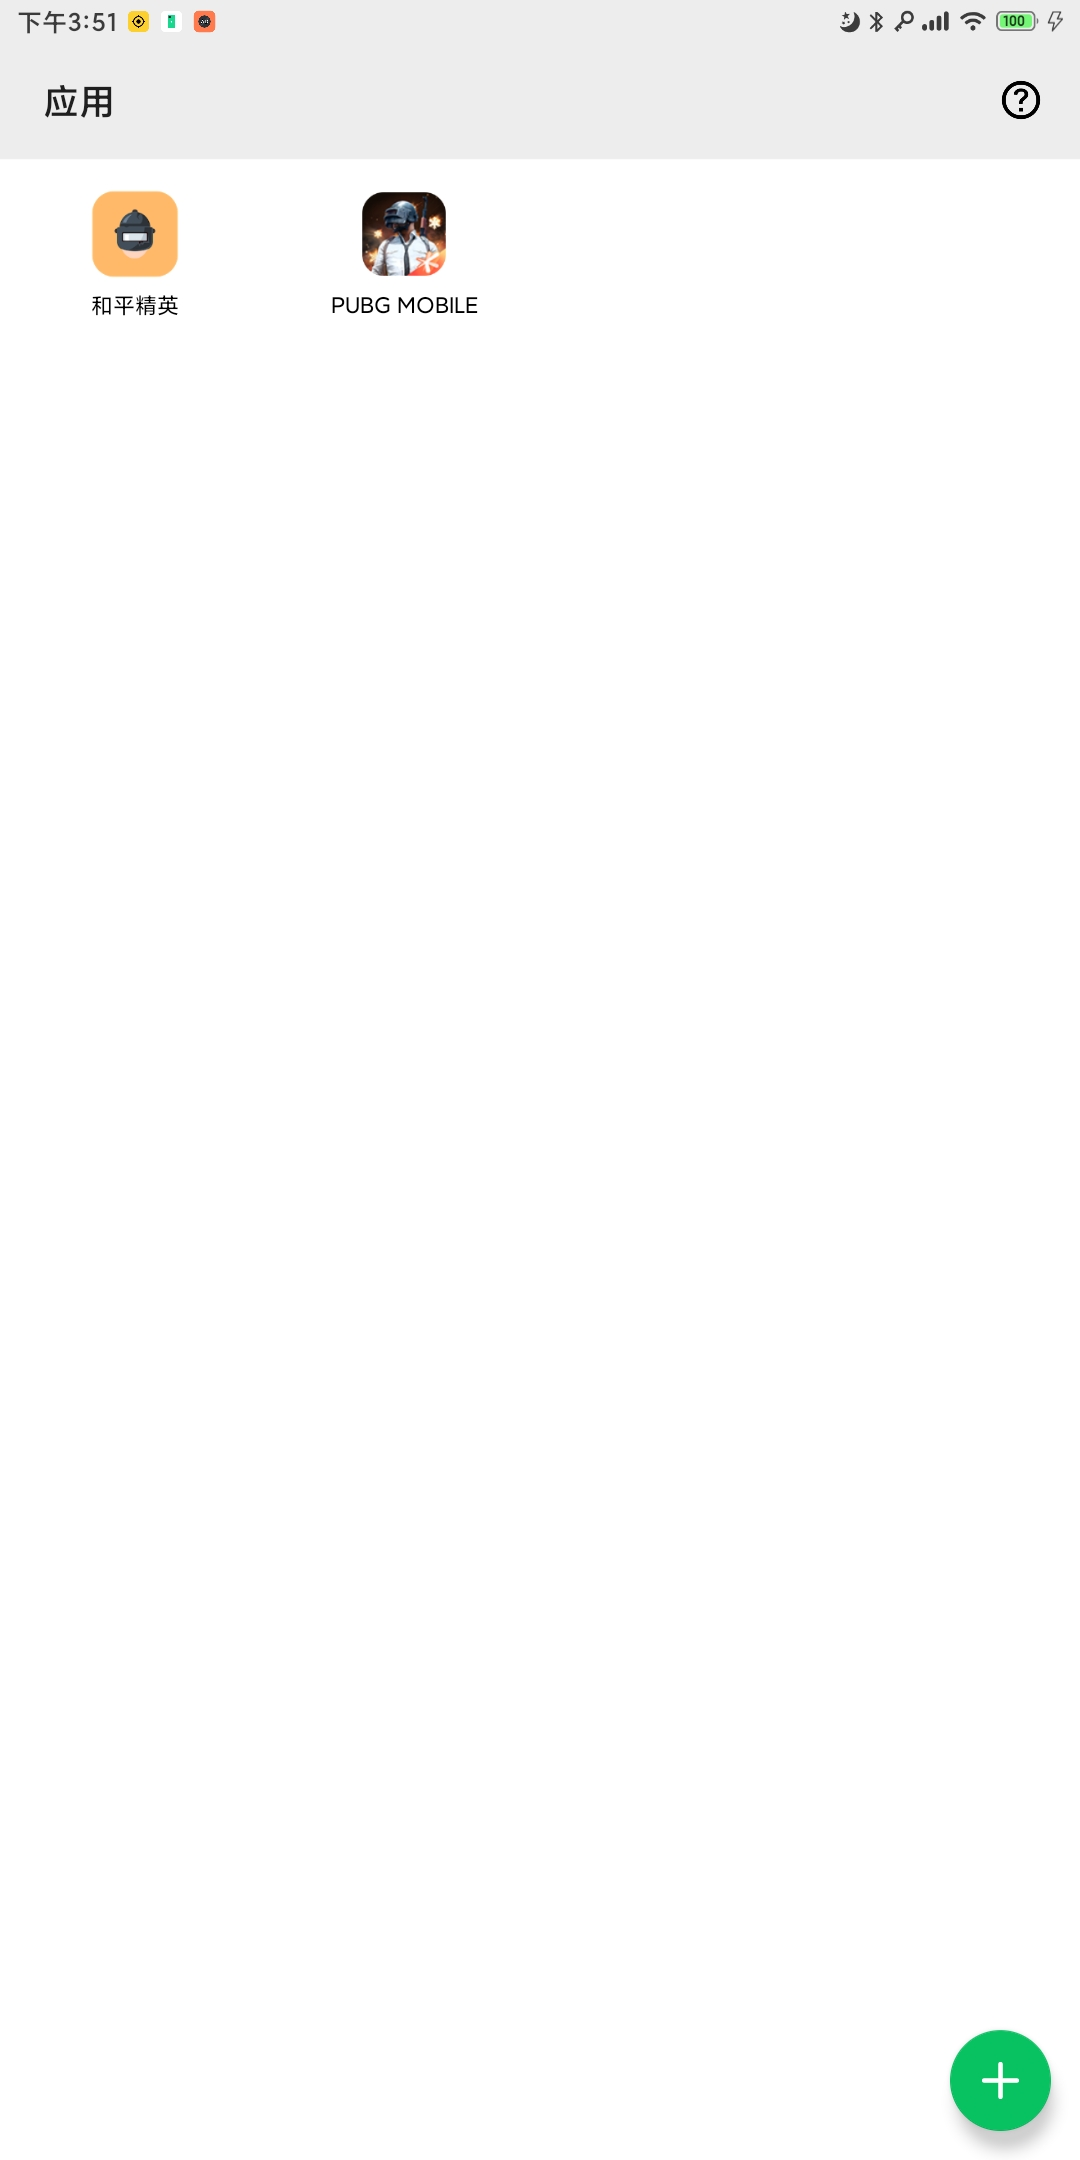 【资源分享】幻影分身vip版v1.1.0应用多开分身/虚拟定位